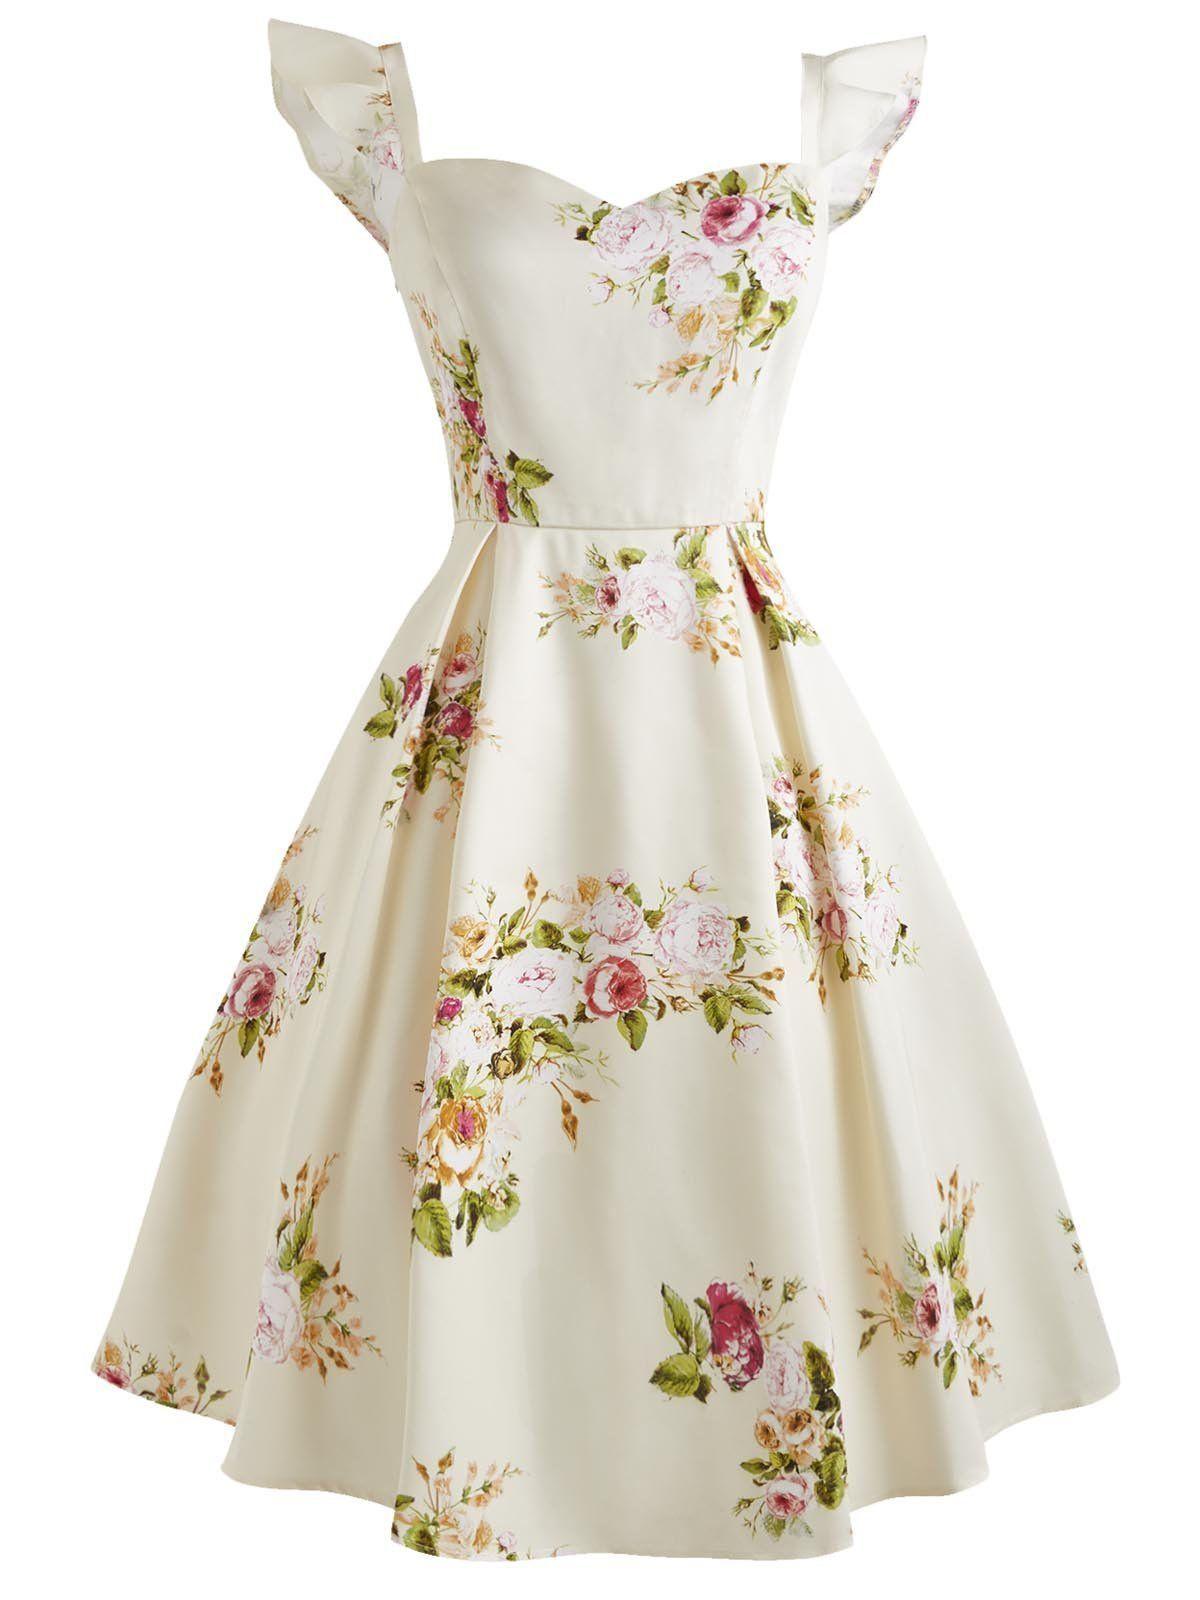 Creme 14er-Schatz-Rüsche Sleeveless Kleid  Vintage dresses 14s